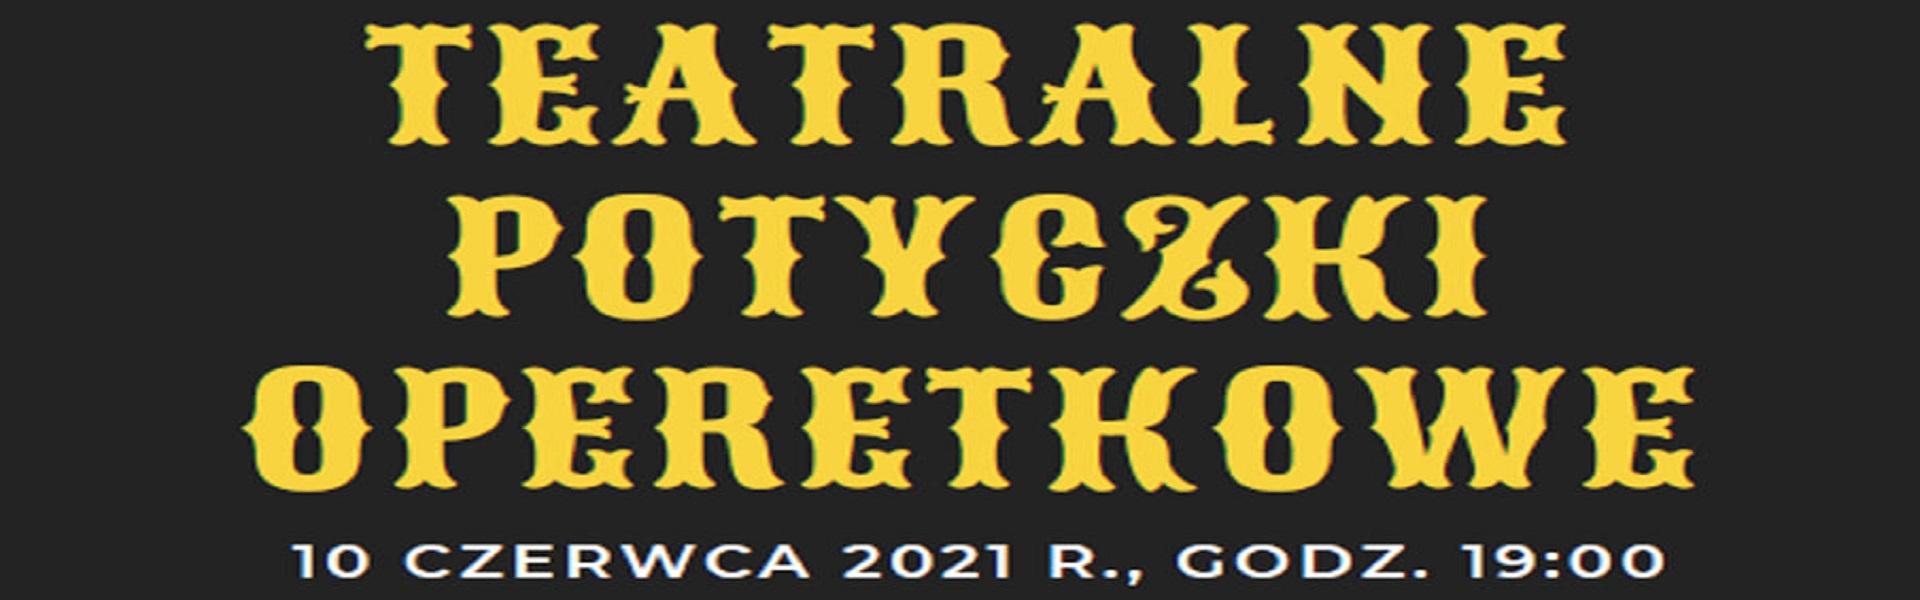 Teatralne Potyczki Operetkowe banner tekstowy